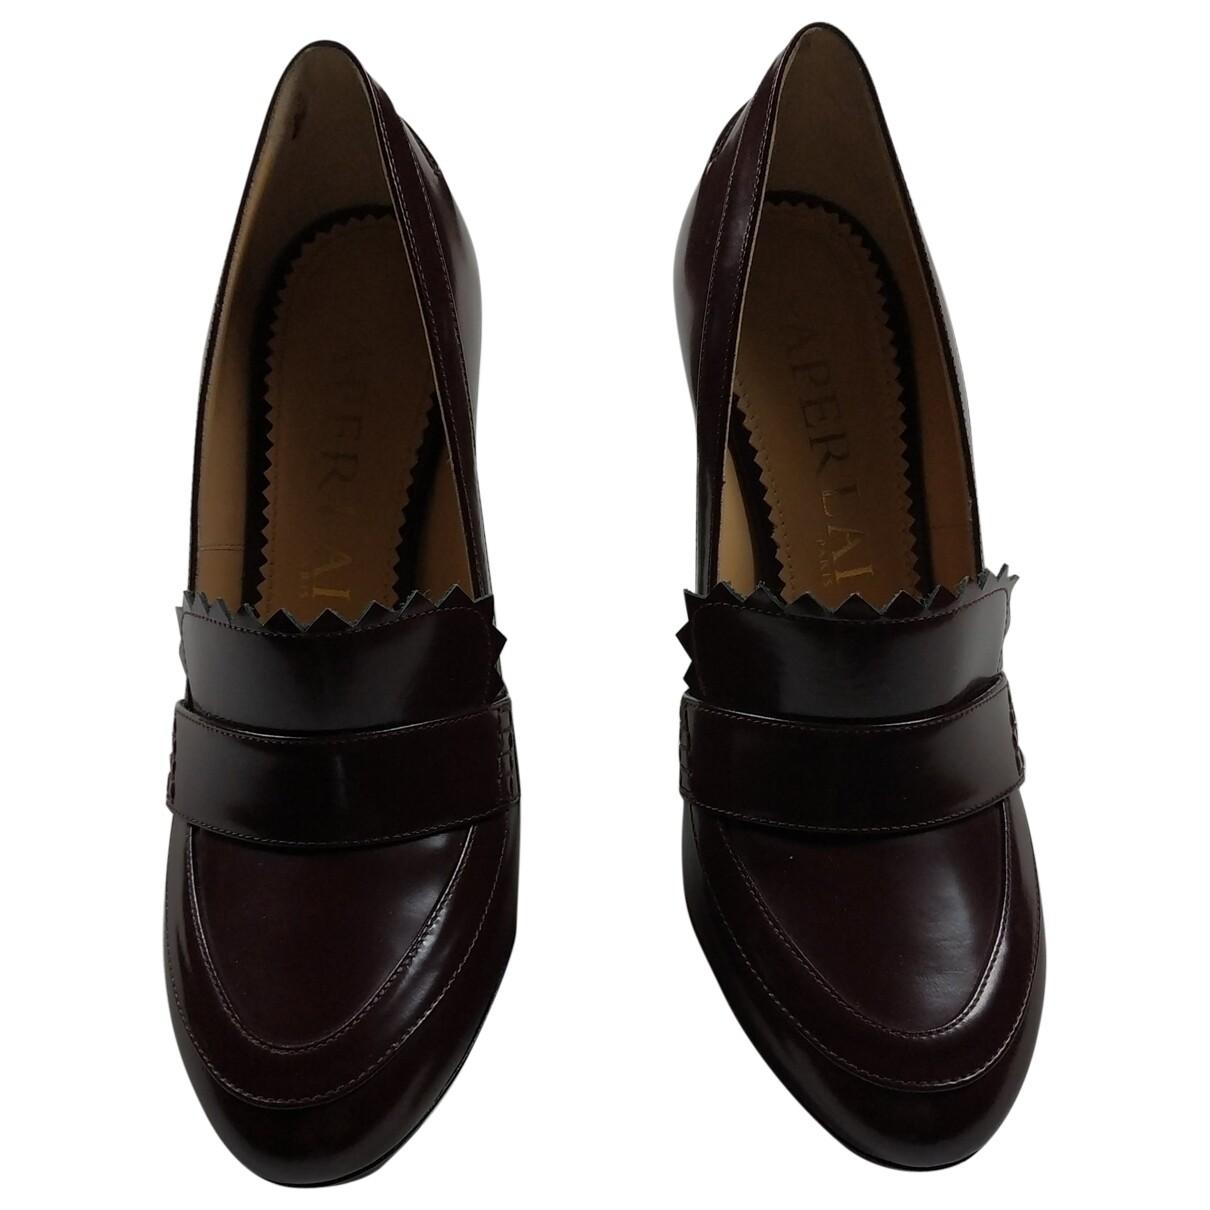 Aperlai heels, size 39